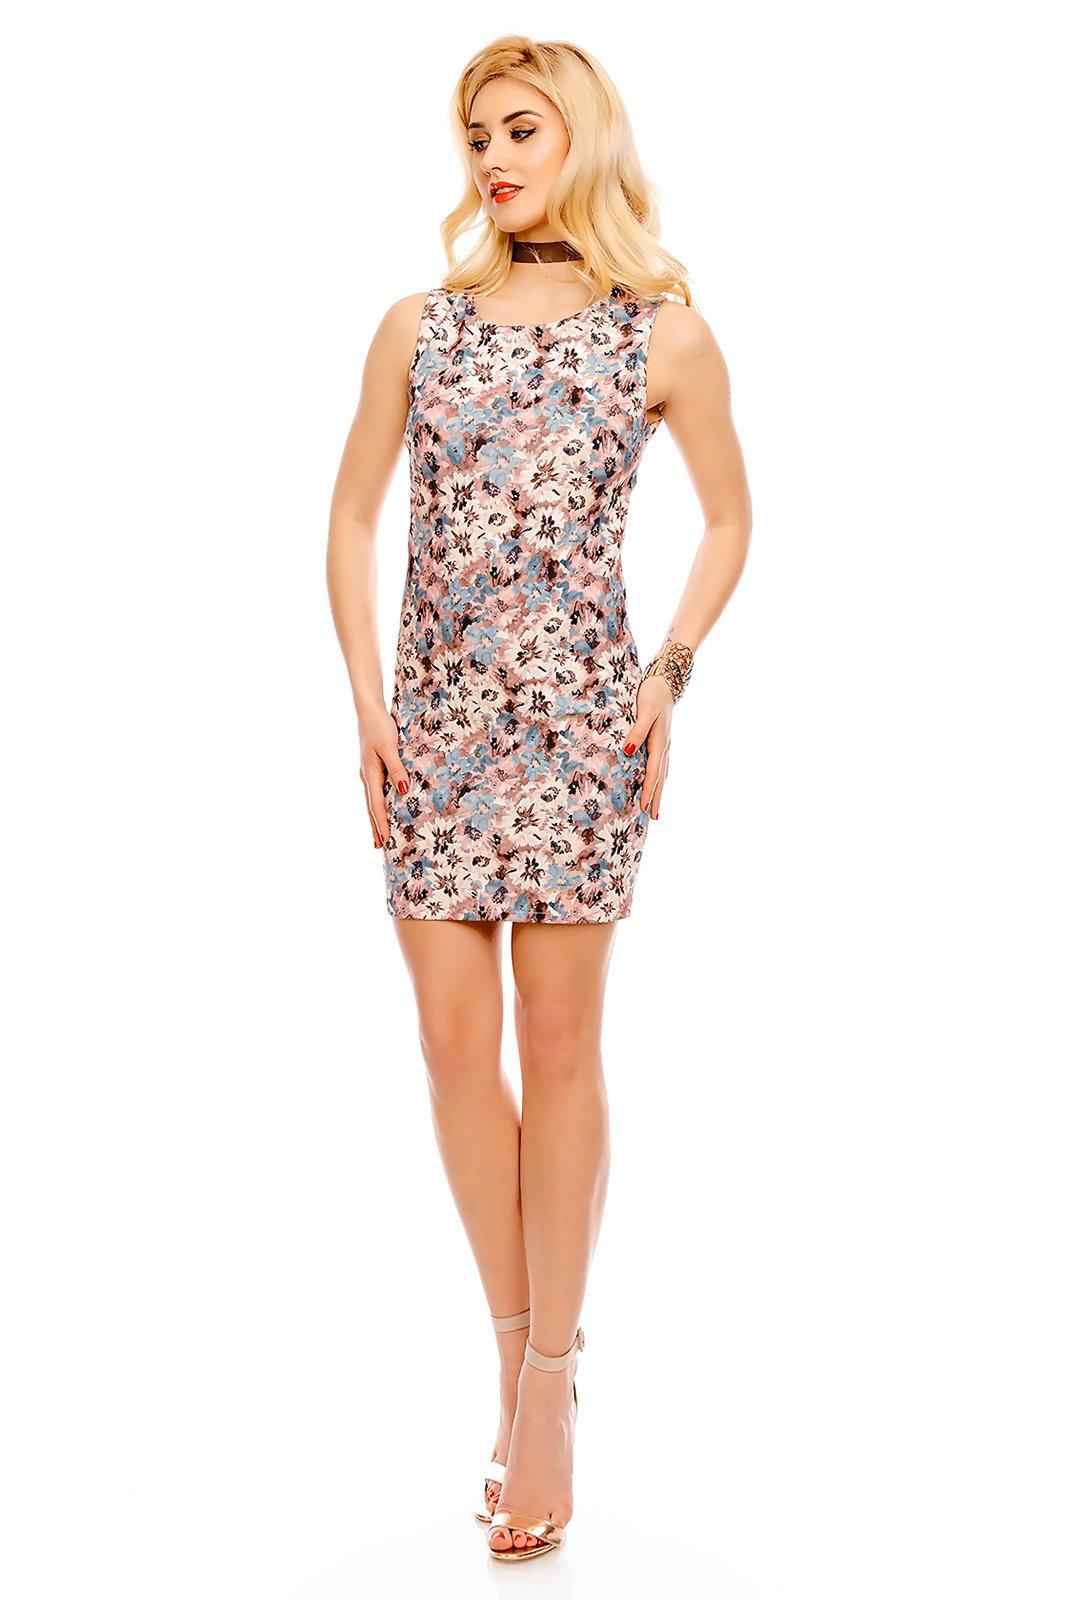 Damen Kleid Blumenmuster Mini Dress Ärmellos Cocktailkleid